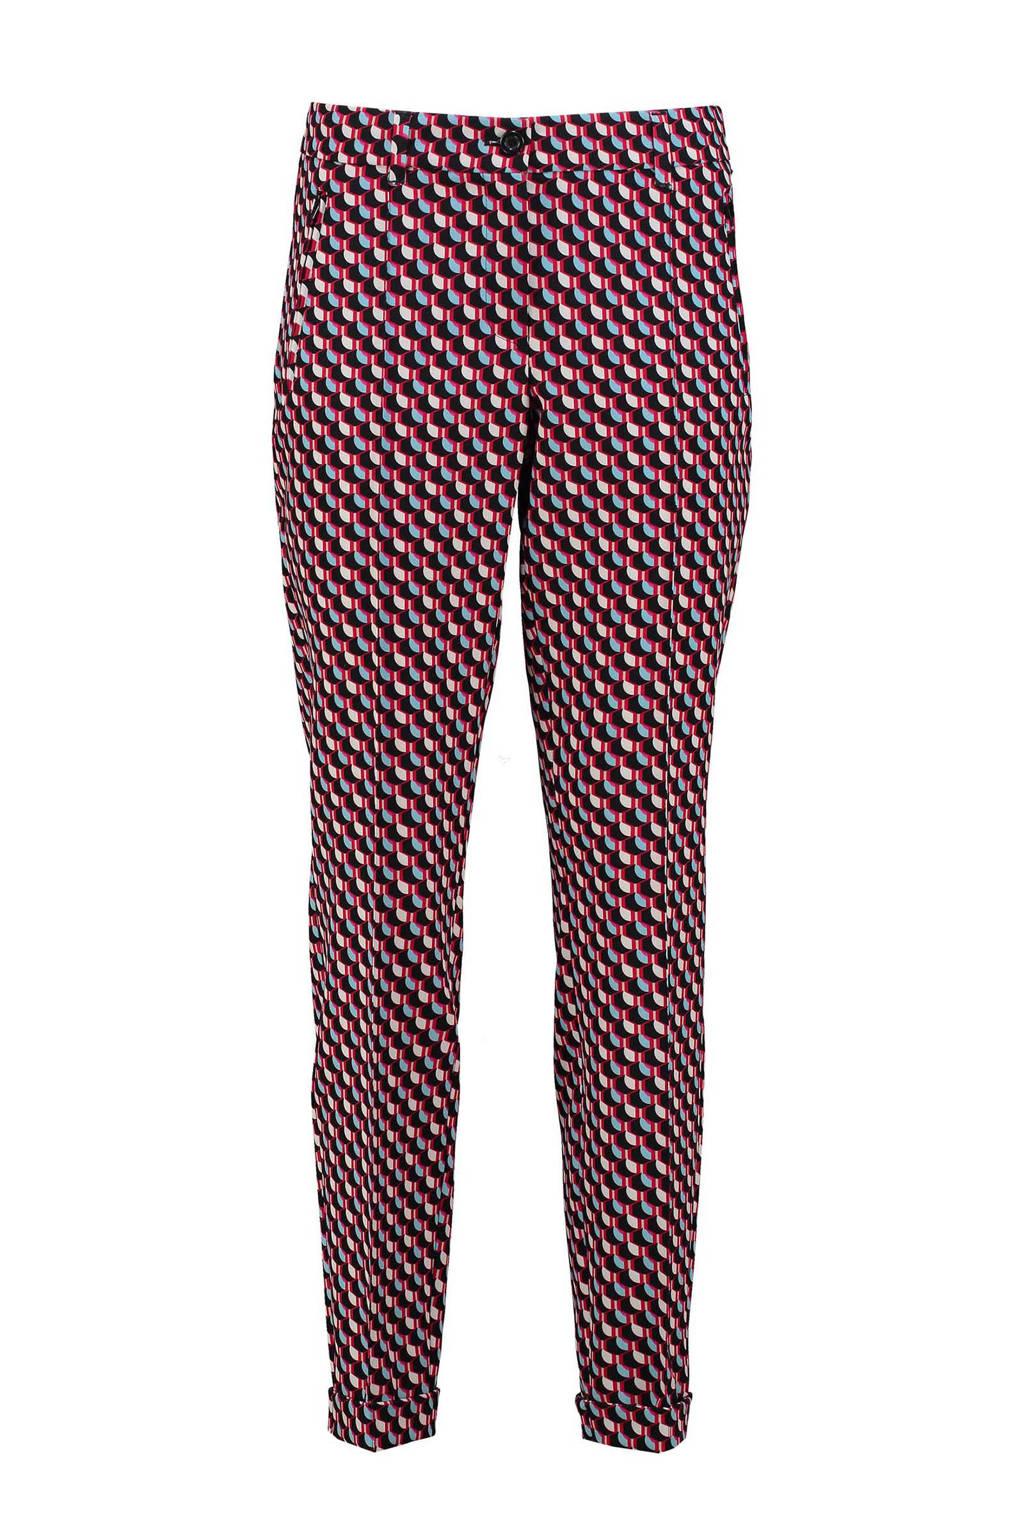 Claudia Sträter slim fit pantalon met all over print fuchsia/zwart/lichtblauw, Fuchsia/zwart/lichtblauw